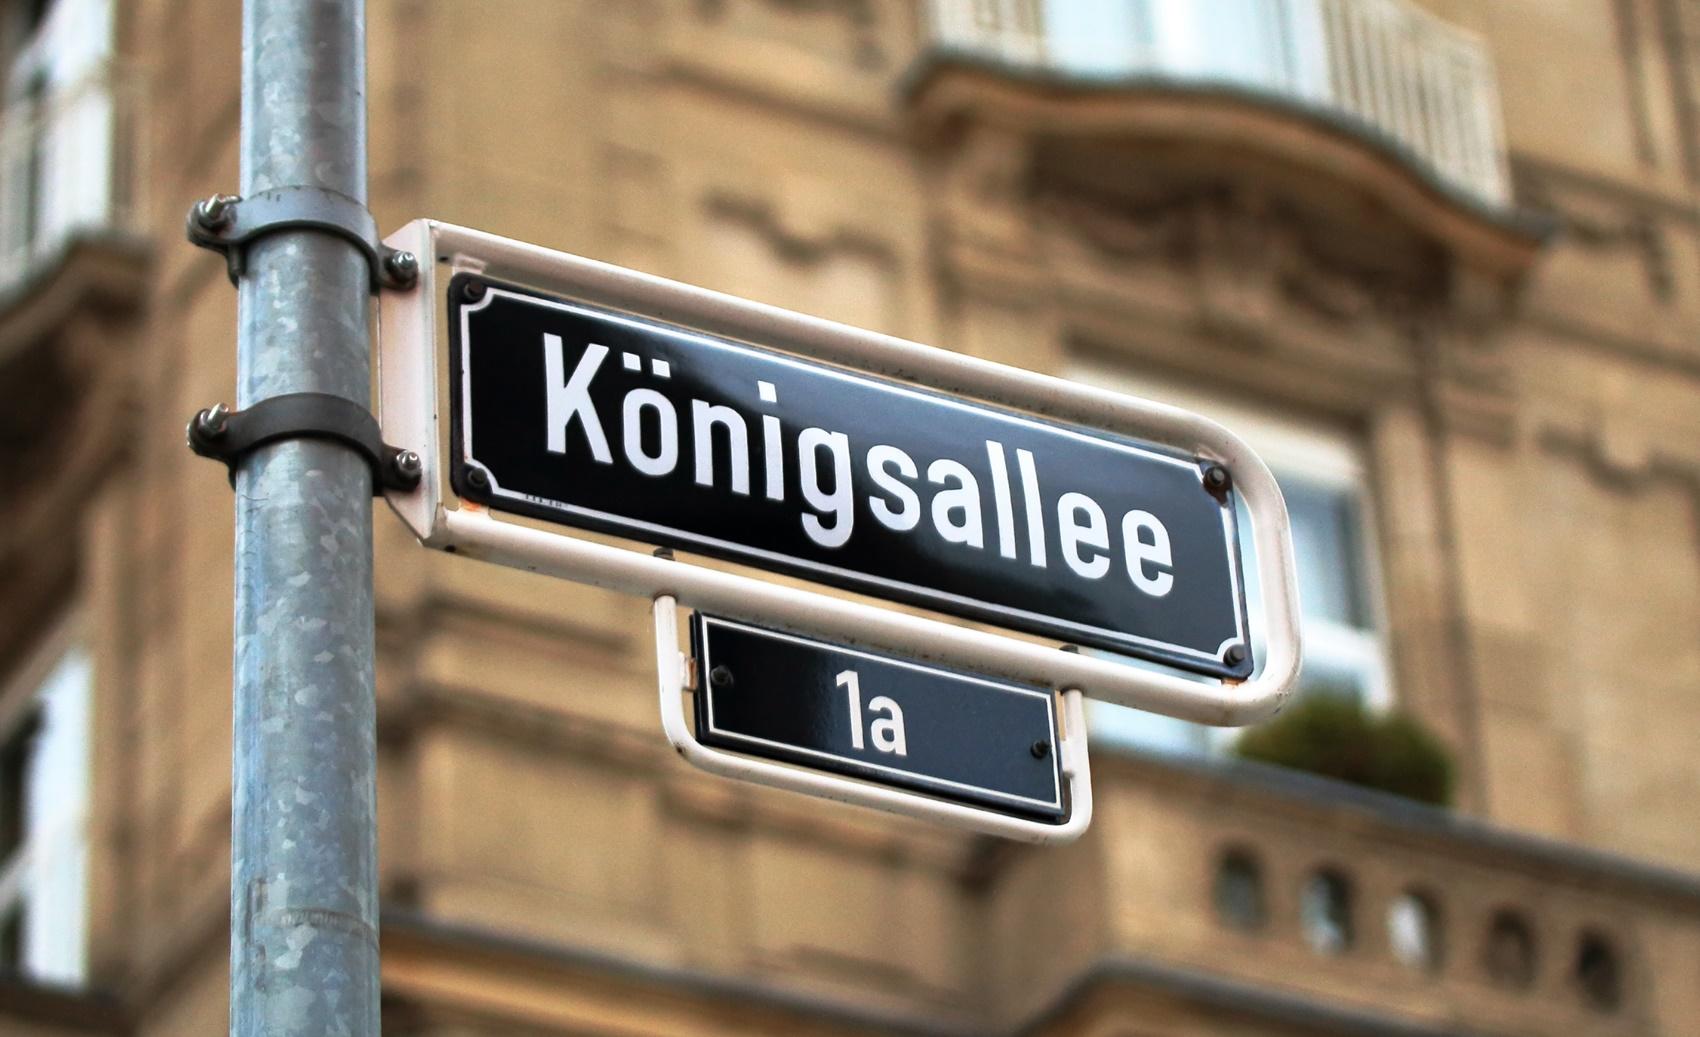 Knigsallee Strassenschild in Dsseldorf